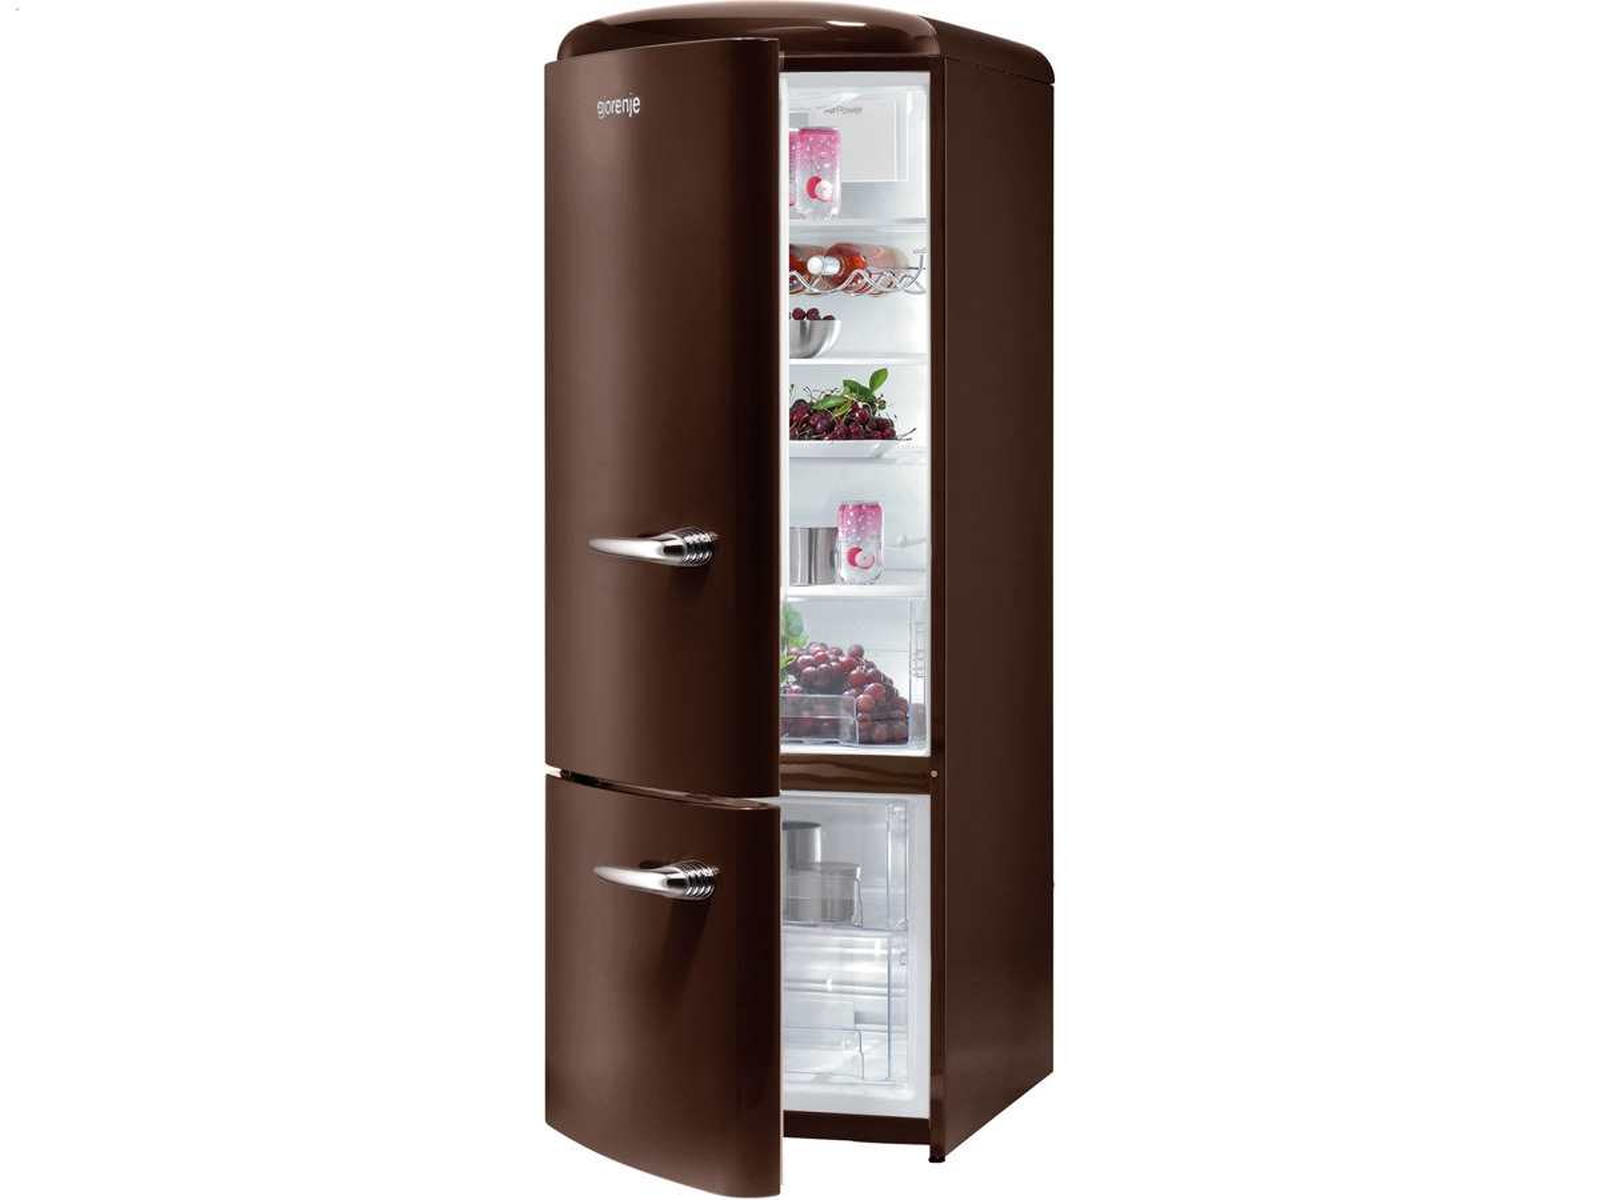 Gorenje Kühlschrank Ersatzteile Türfach : Gorenje kühlschrank dichtung gorenje rk ab u ac preisvergleich